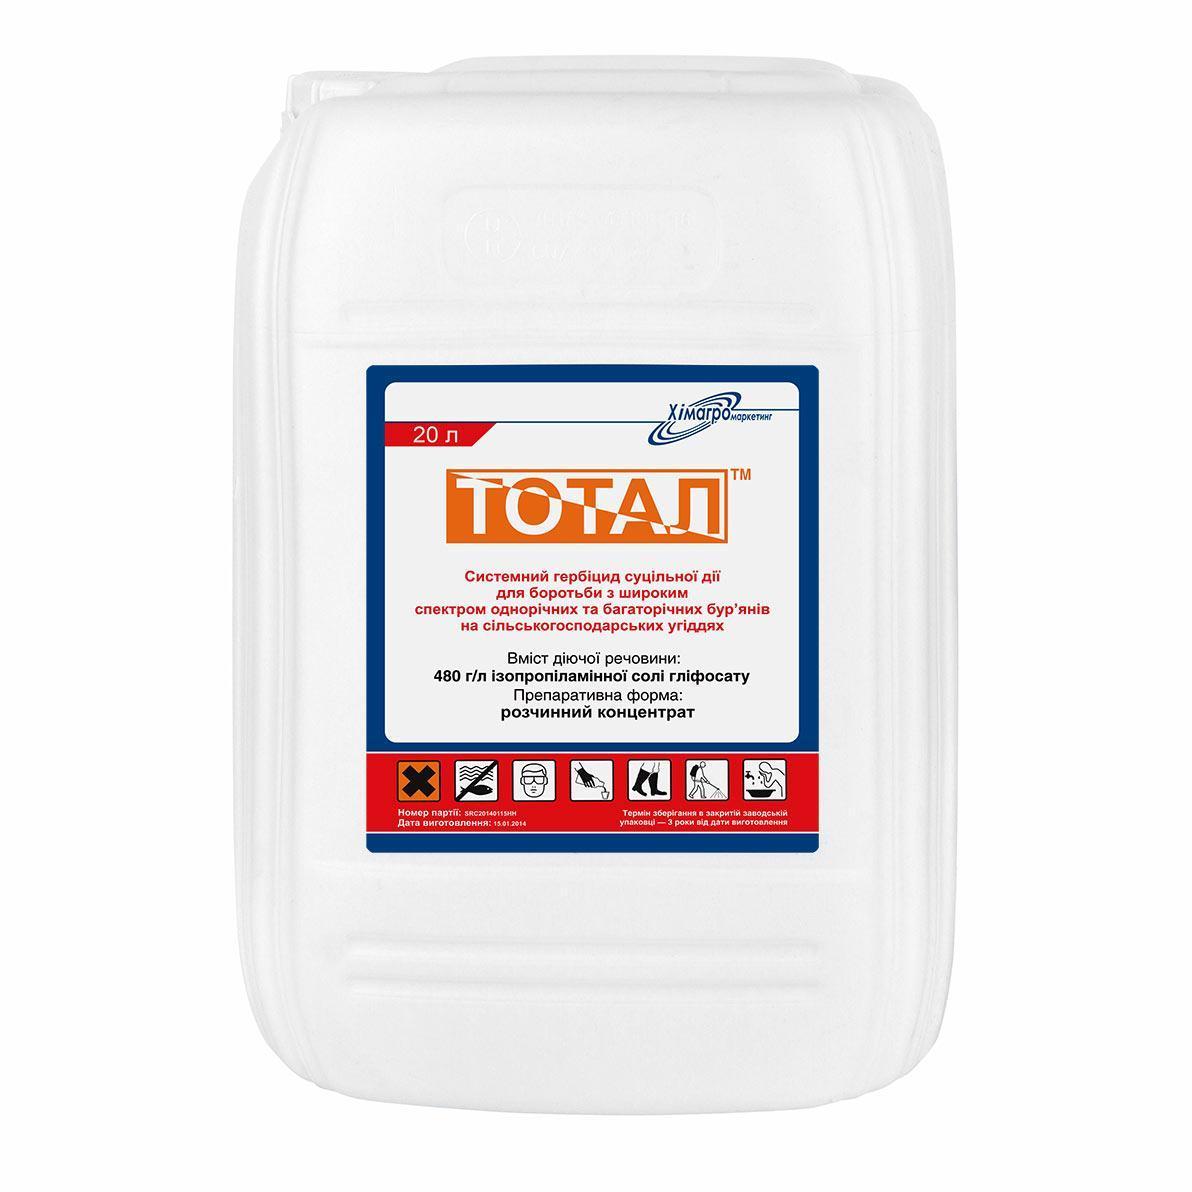 Гербіцид Тотал( Раундап) ізопропіламінна сіль гліфосату, тара 20л, Хімагромаркетинг